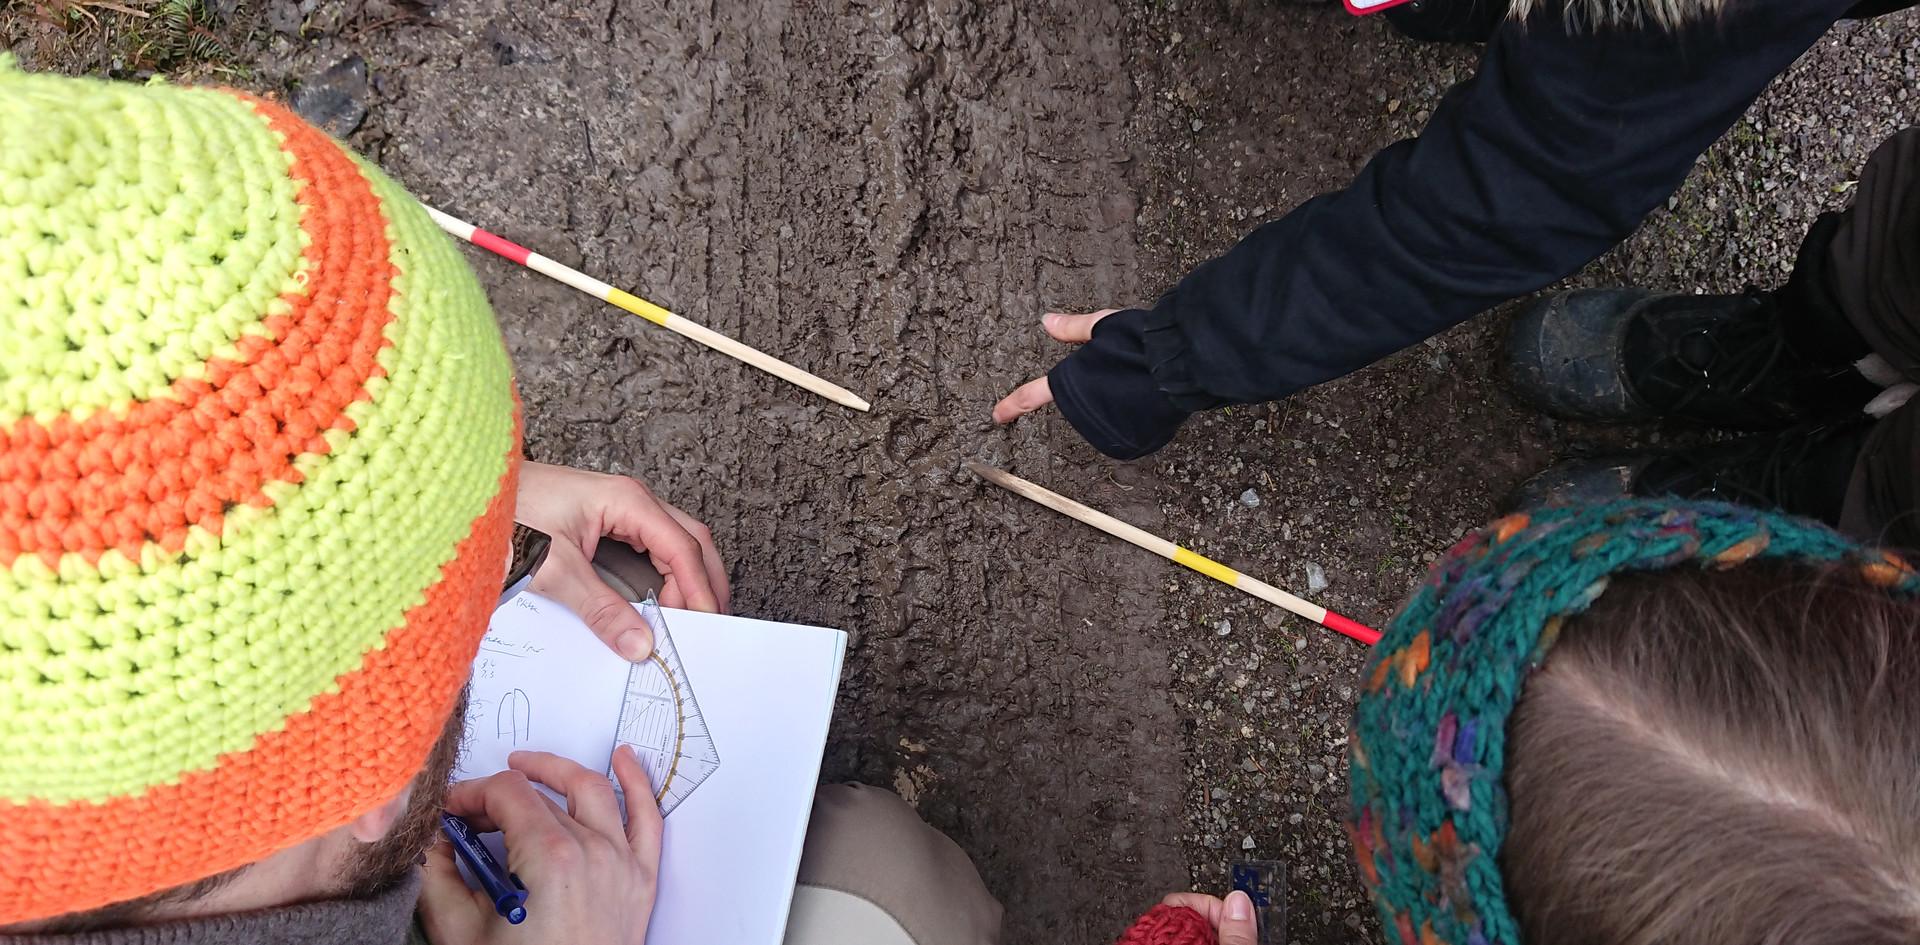 Die Spur zeichnen, eine wichtige Technik im Fährtenlesen, während eines Kurses.